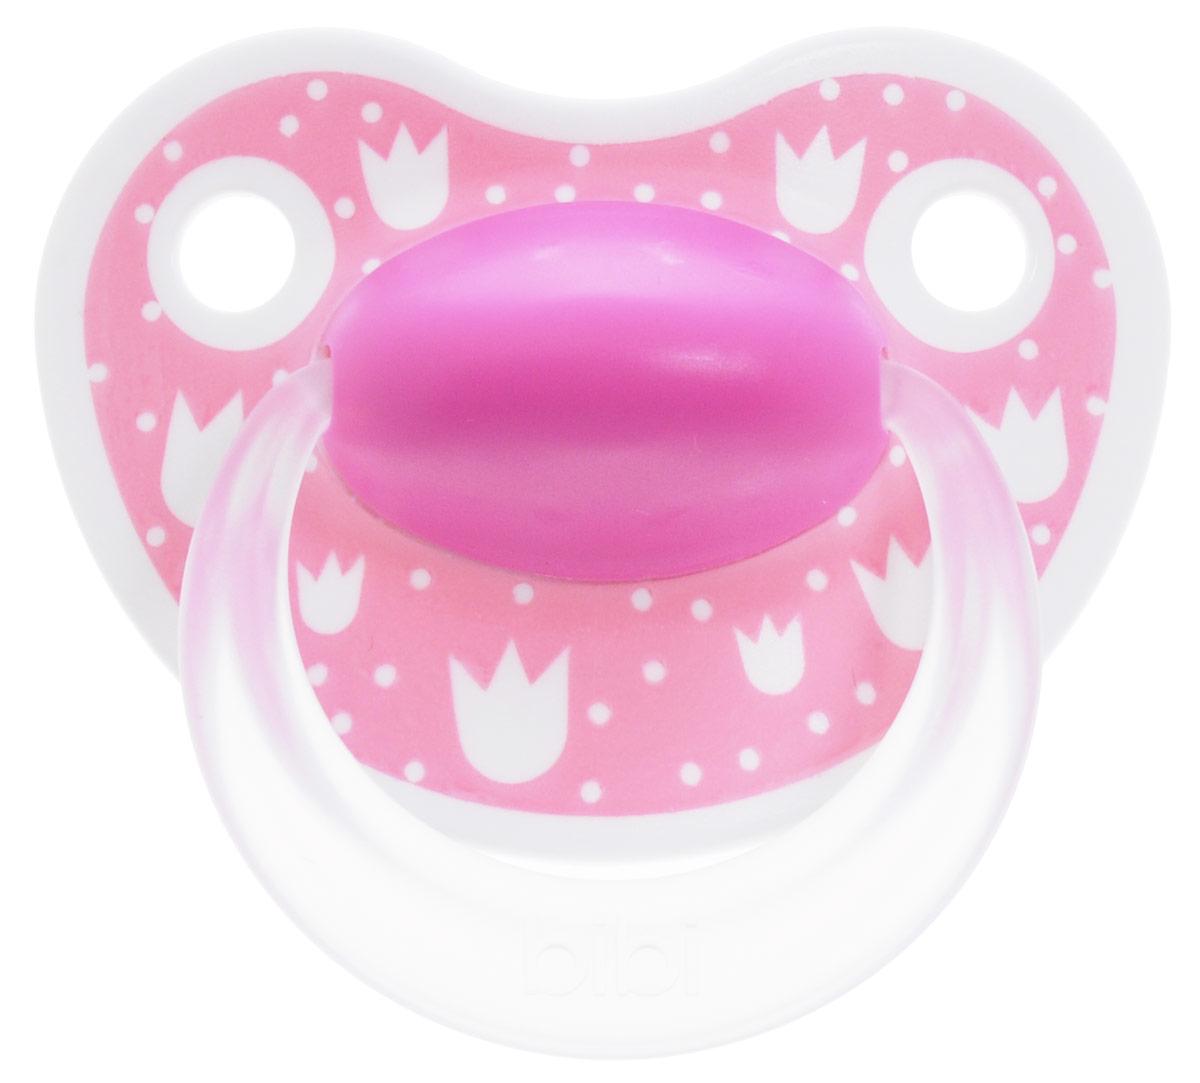 Bibi Пустышка силиконовая Happiness от 6 до 16 месяцев цвет розовый